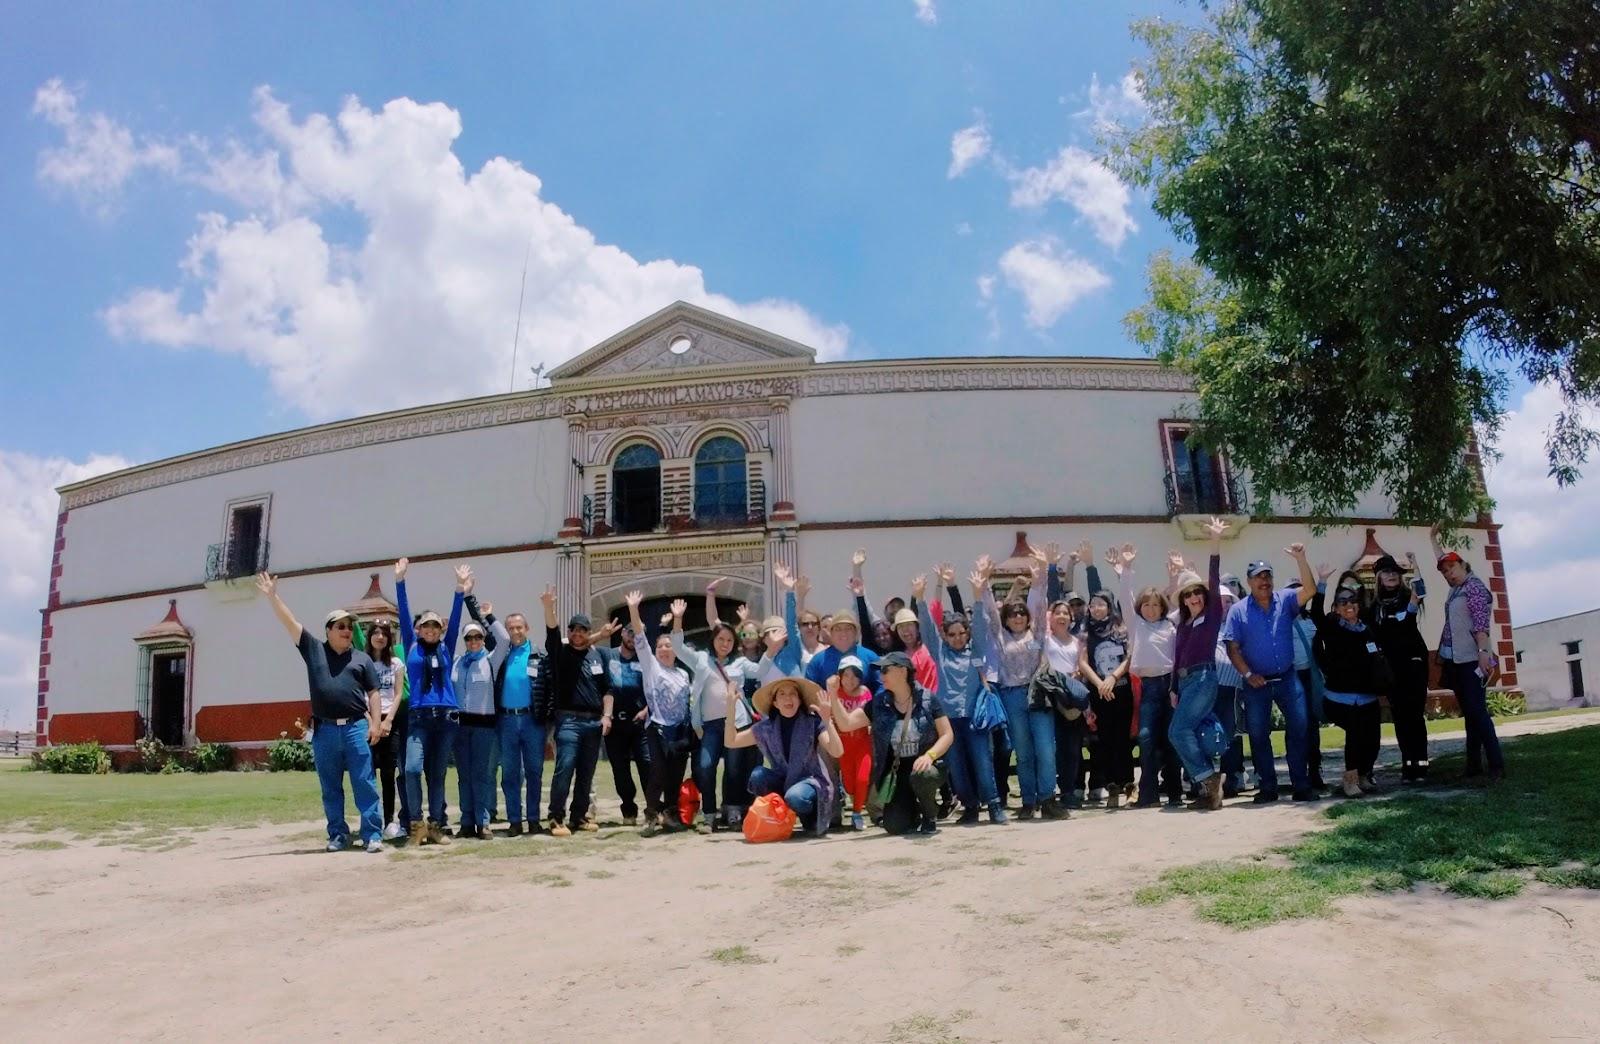 El pulque for Espectaculo de luciernagas en tlaxcala